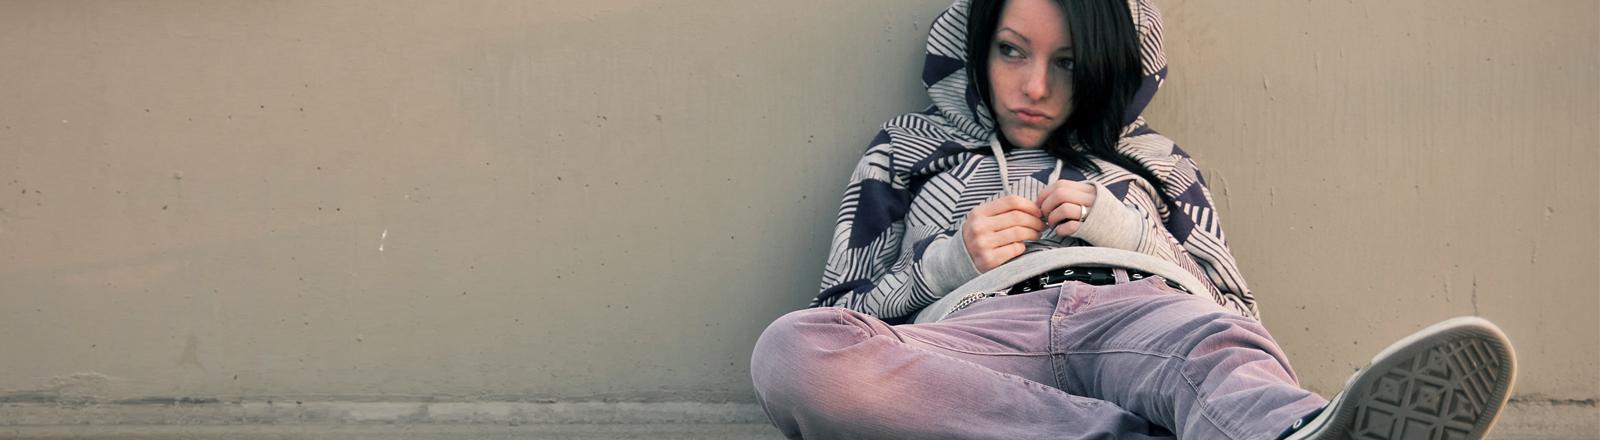 Eine Frau sitzt schmollend in der Ecke.